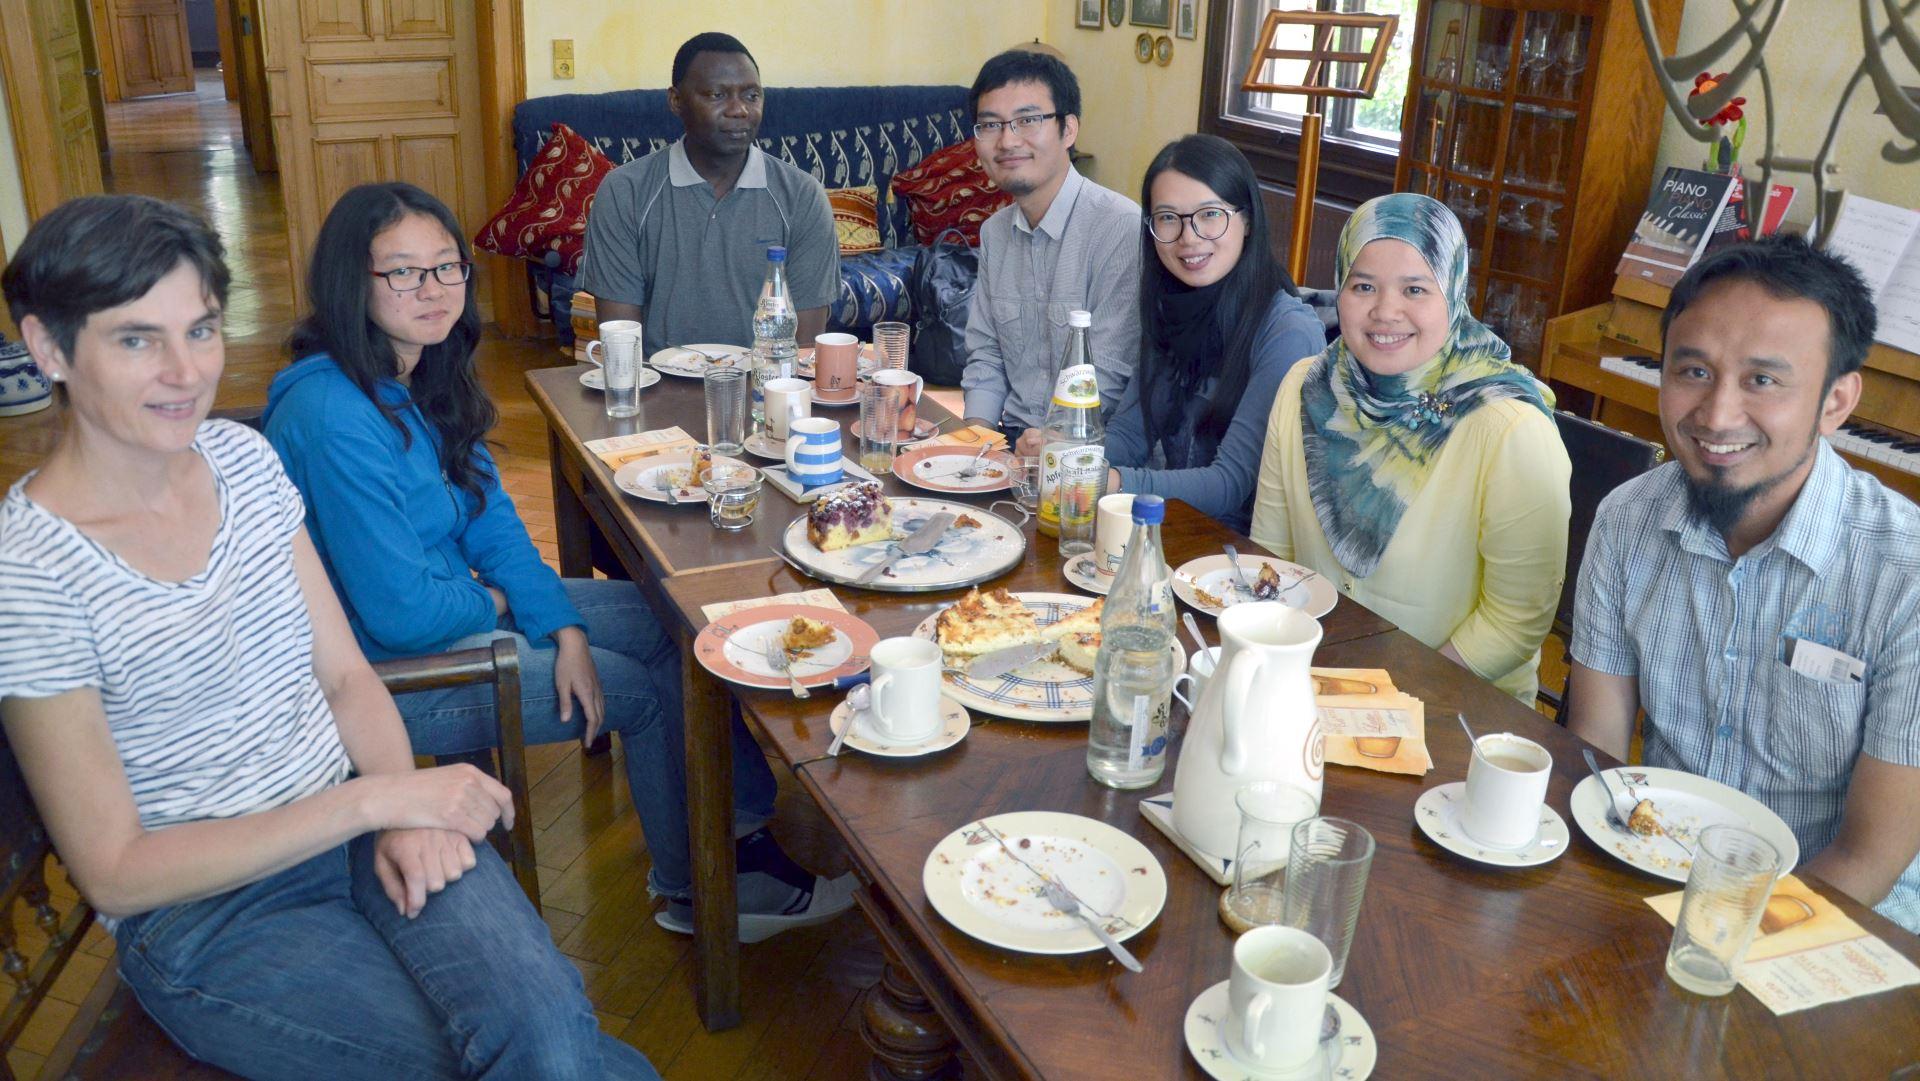 Stipendiaten bei Kaffee und Kuchen